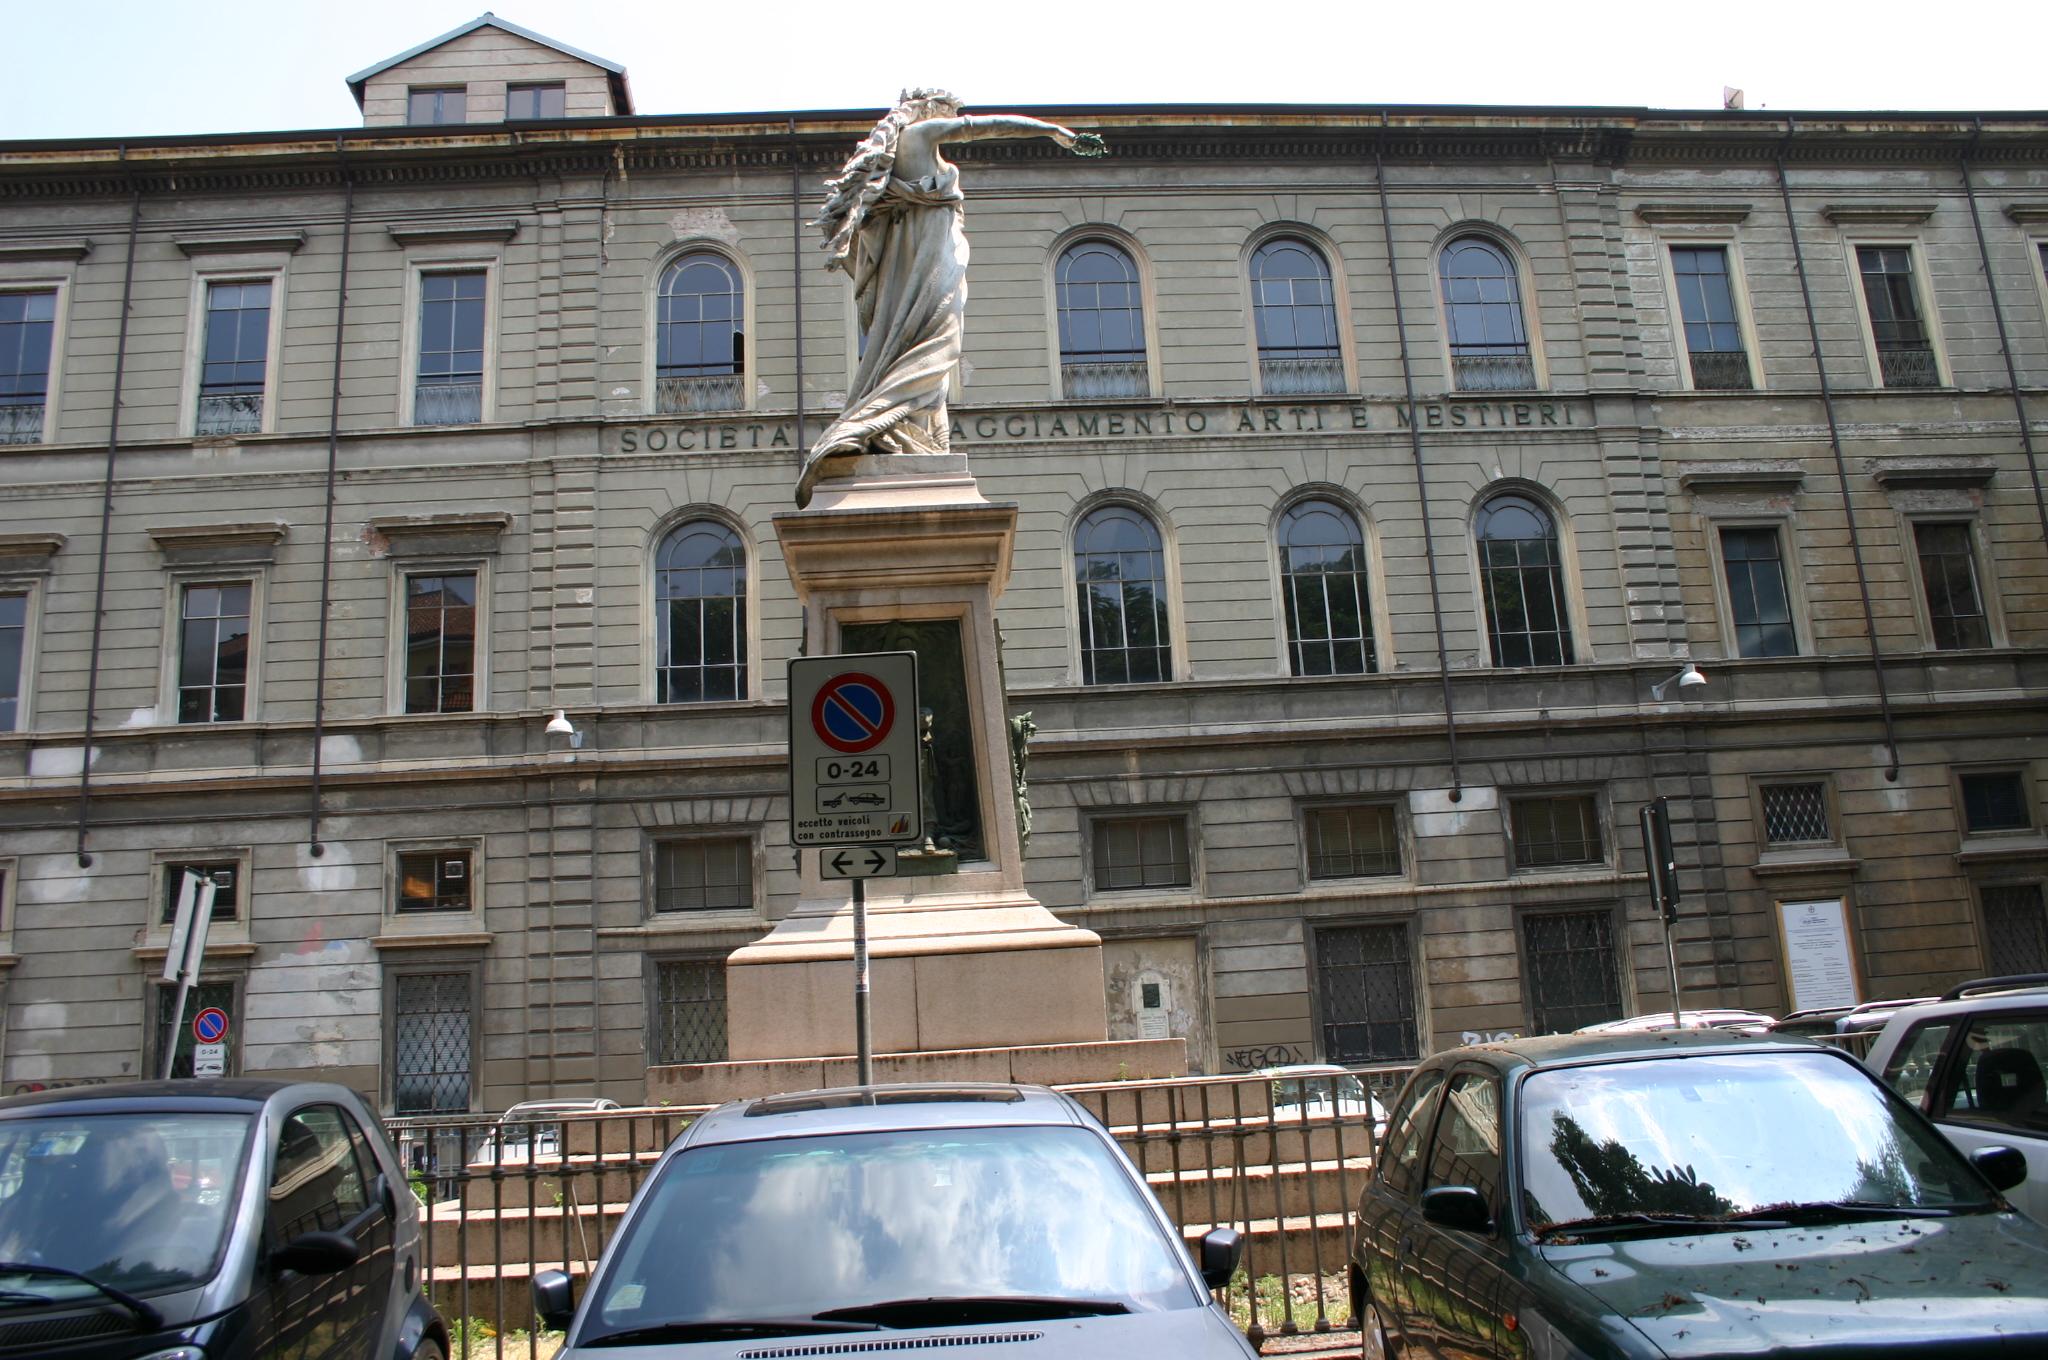 Hotel Mentana Roma